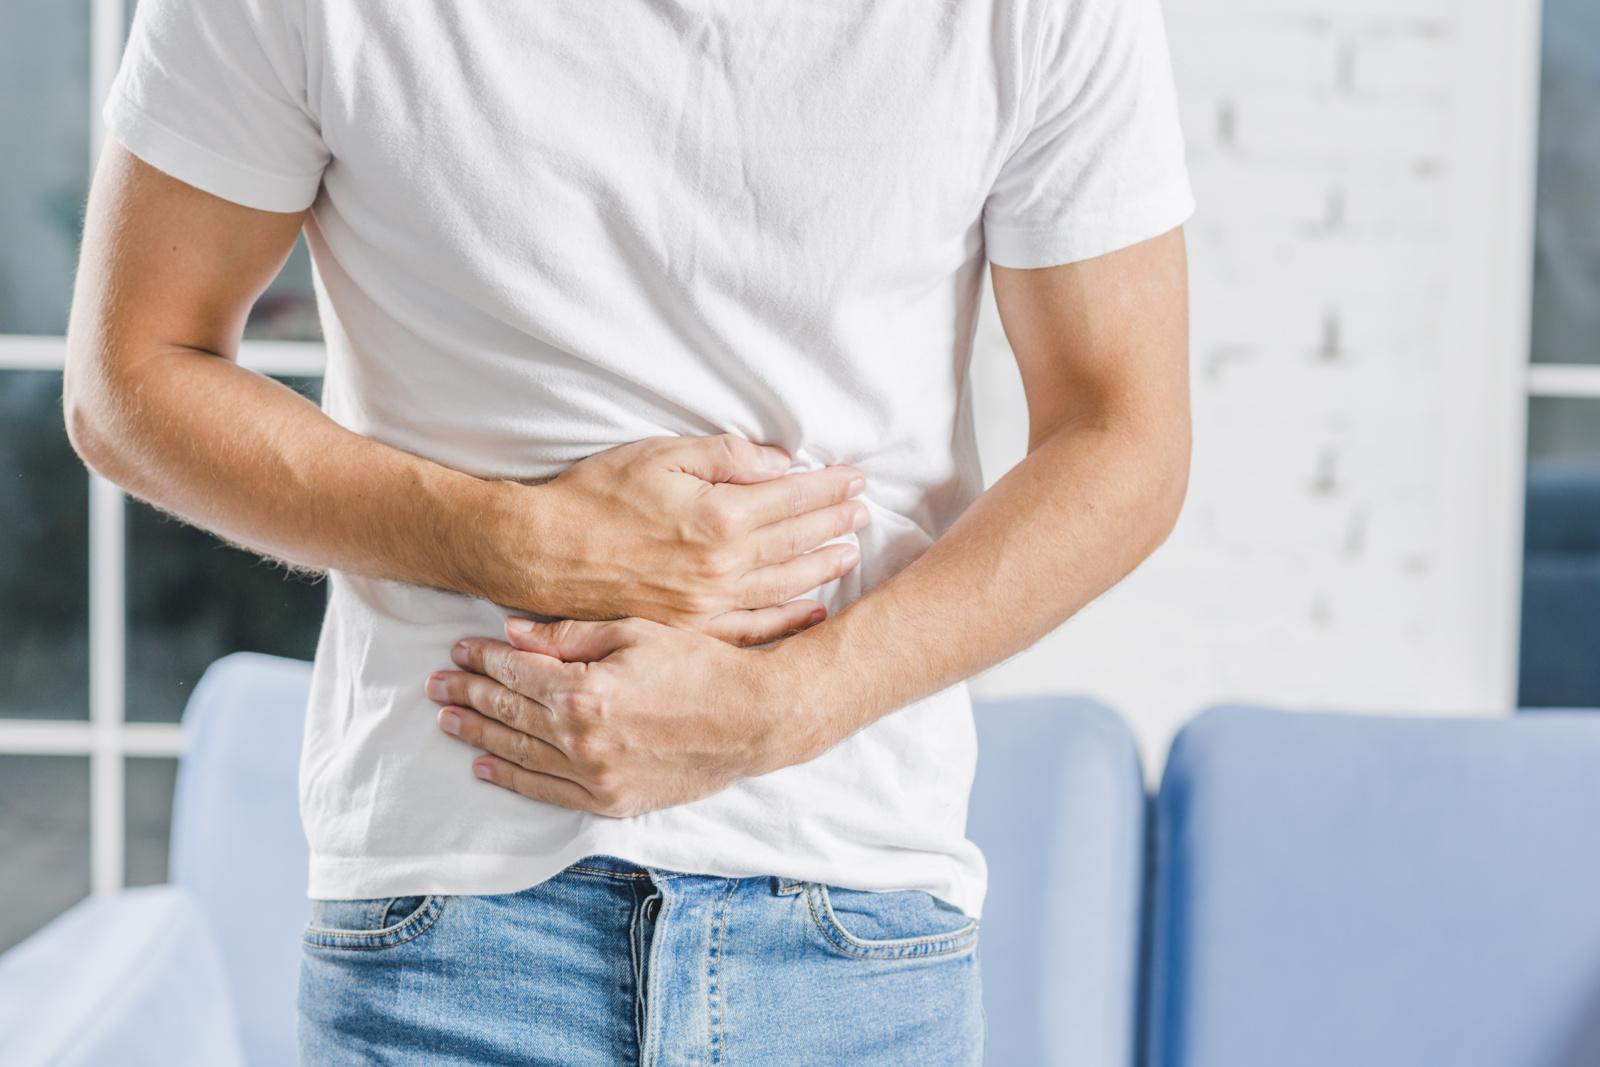 Kaip atsikratyti bakterijų, kurios sukelia pilvo pūtimą ir rėmenį?